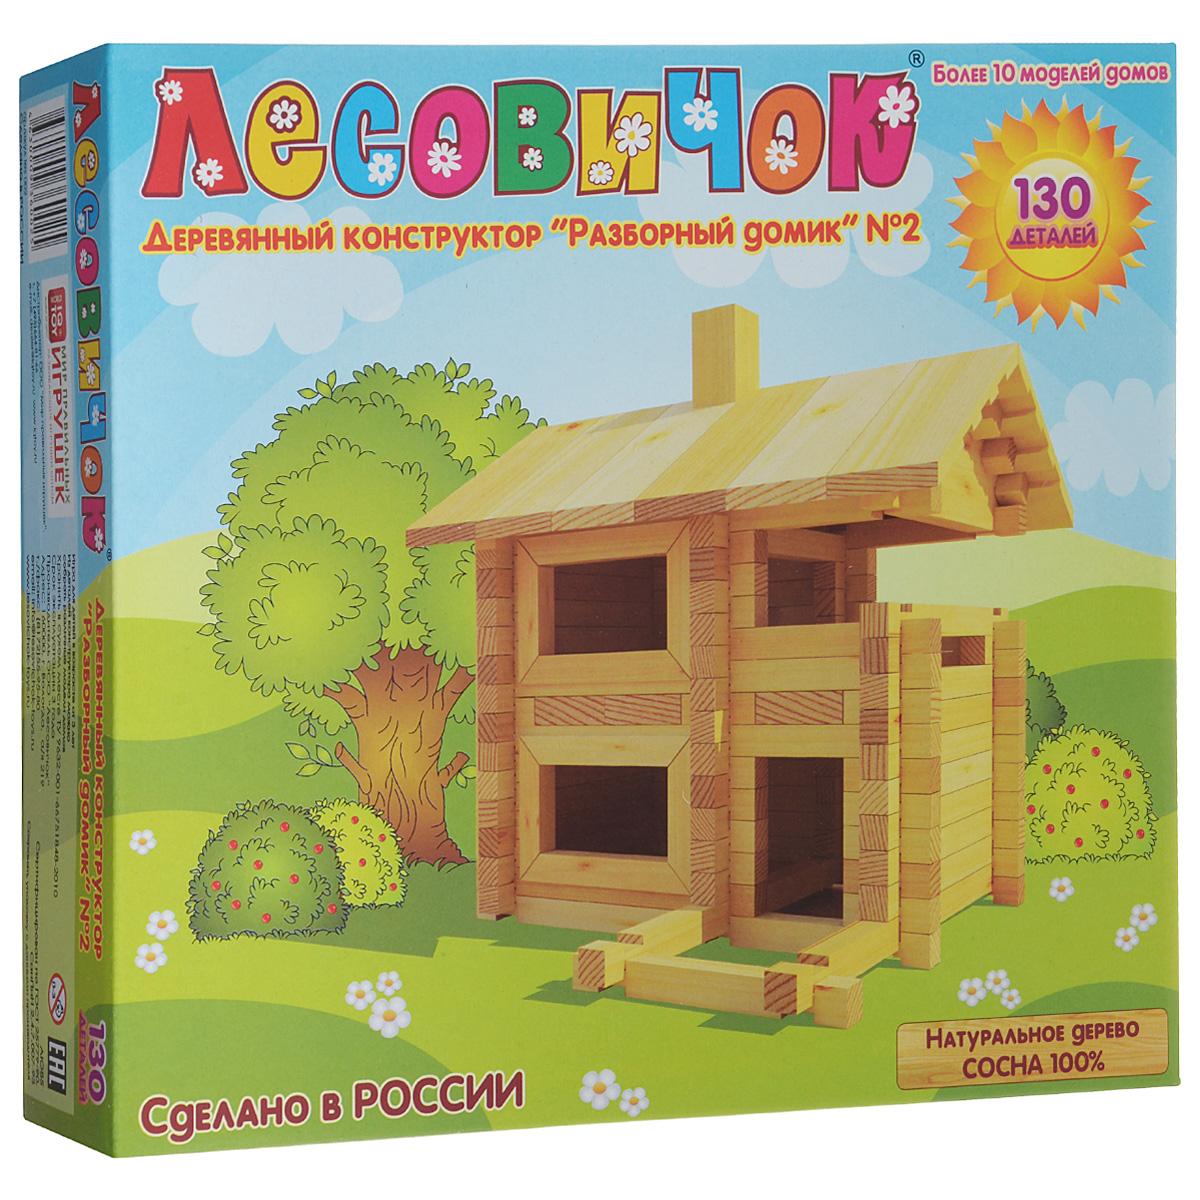 Лесовичок Конструктор Разборный домик №2les 002С помощью элементов конструктора из натурального дерева Лесовичок, ребенок сможет построить миниатюрную модель деревянного домика. Для изготовления конструкторов используется только отборная древесина (сосна). Все детали конструкторов Разборный домик подходят друг к другу. Различие между наборами заключается в количестве и разнообразии деталей, и, как следствие, в количестве и сложности домиков, которые можно построить из данного набора. Каждый следующий набор, как правило, включает в себя всё разнообразие деталей из предыдущего, и, в тоже время, новые их виды. В отличие от набора №1, Ваш ребенок сможет собирать как минимум 10 различных вариантов домиков, а не 6. Каждый набор из серии конструкторов Разборный домик содержит подробную инструкцию по сборке домиков с поэтапными планами их постройки. Для детей в возрасте от 3 до 7 лет.